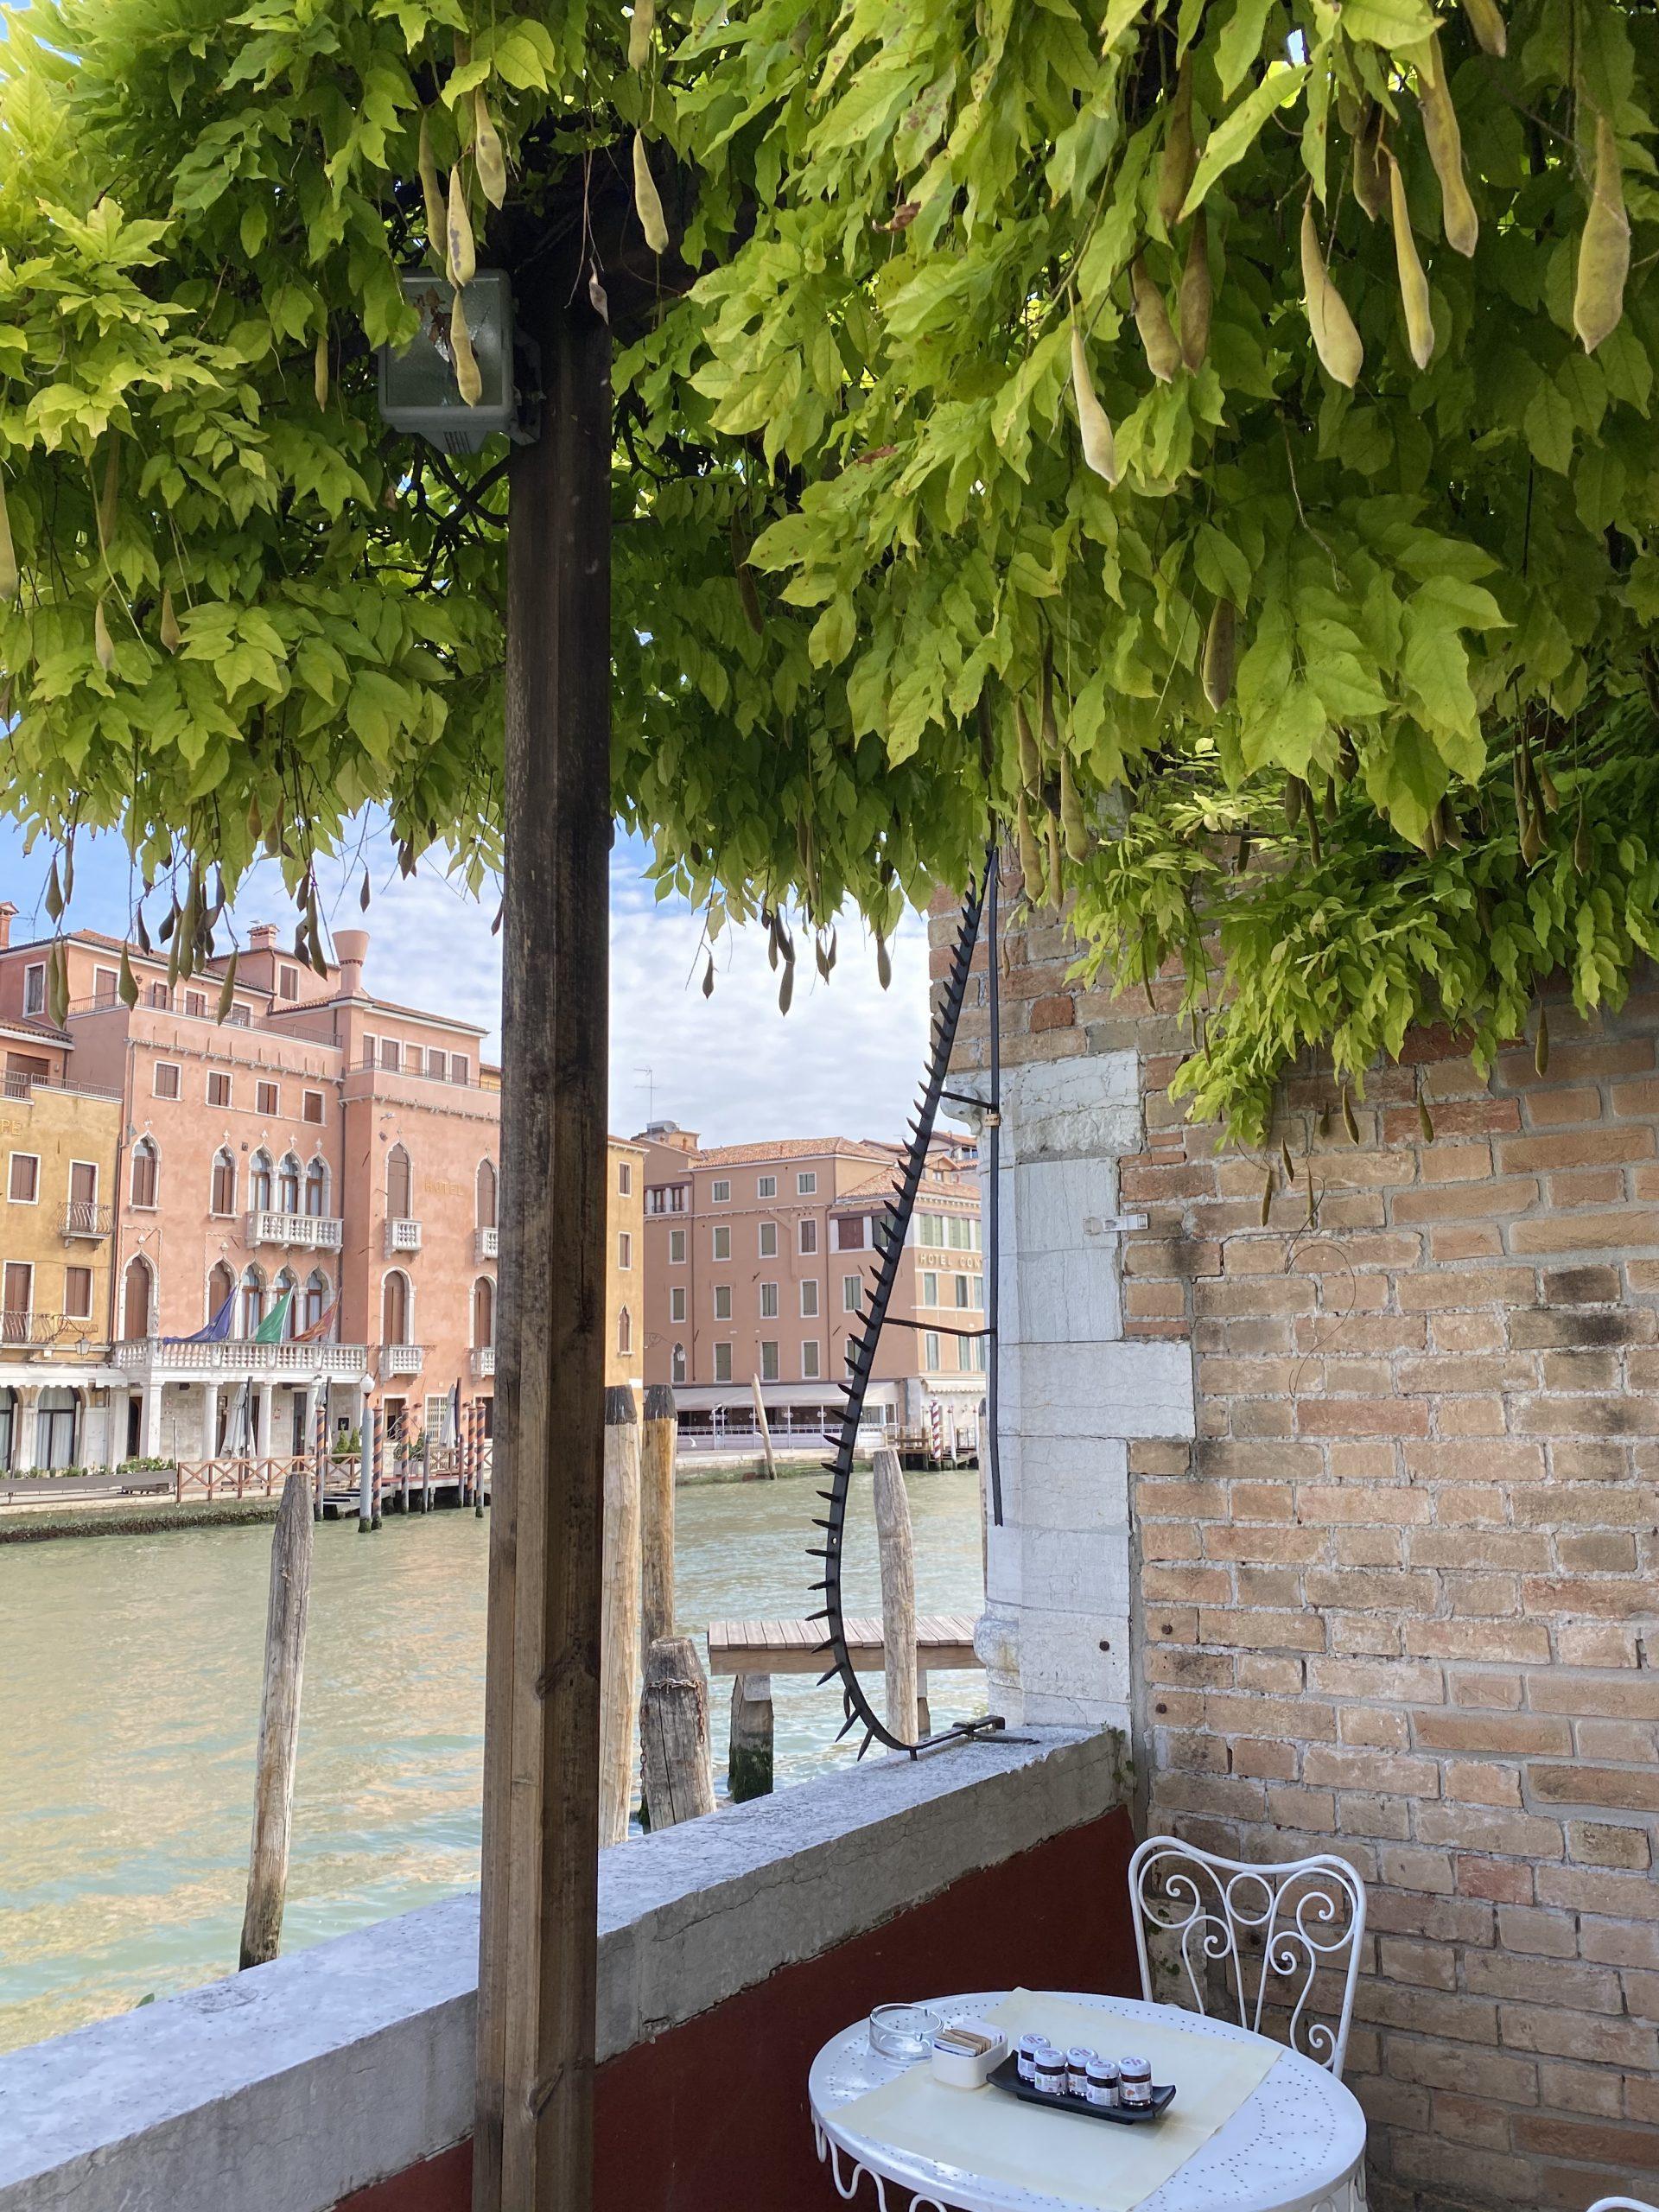 giardini 2 scaled - Primavera a Venezia - visita ai giardini del 21 marzo 2021